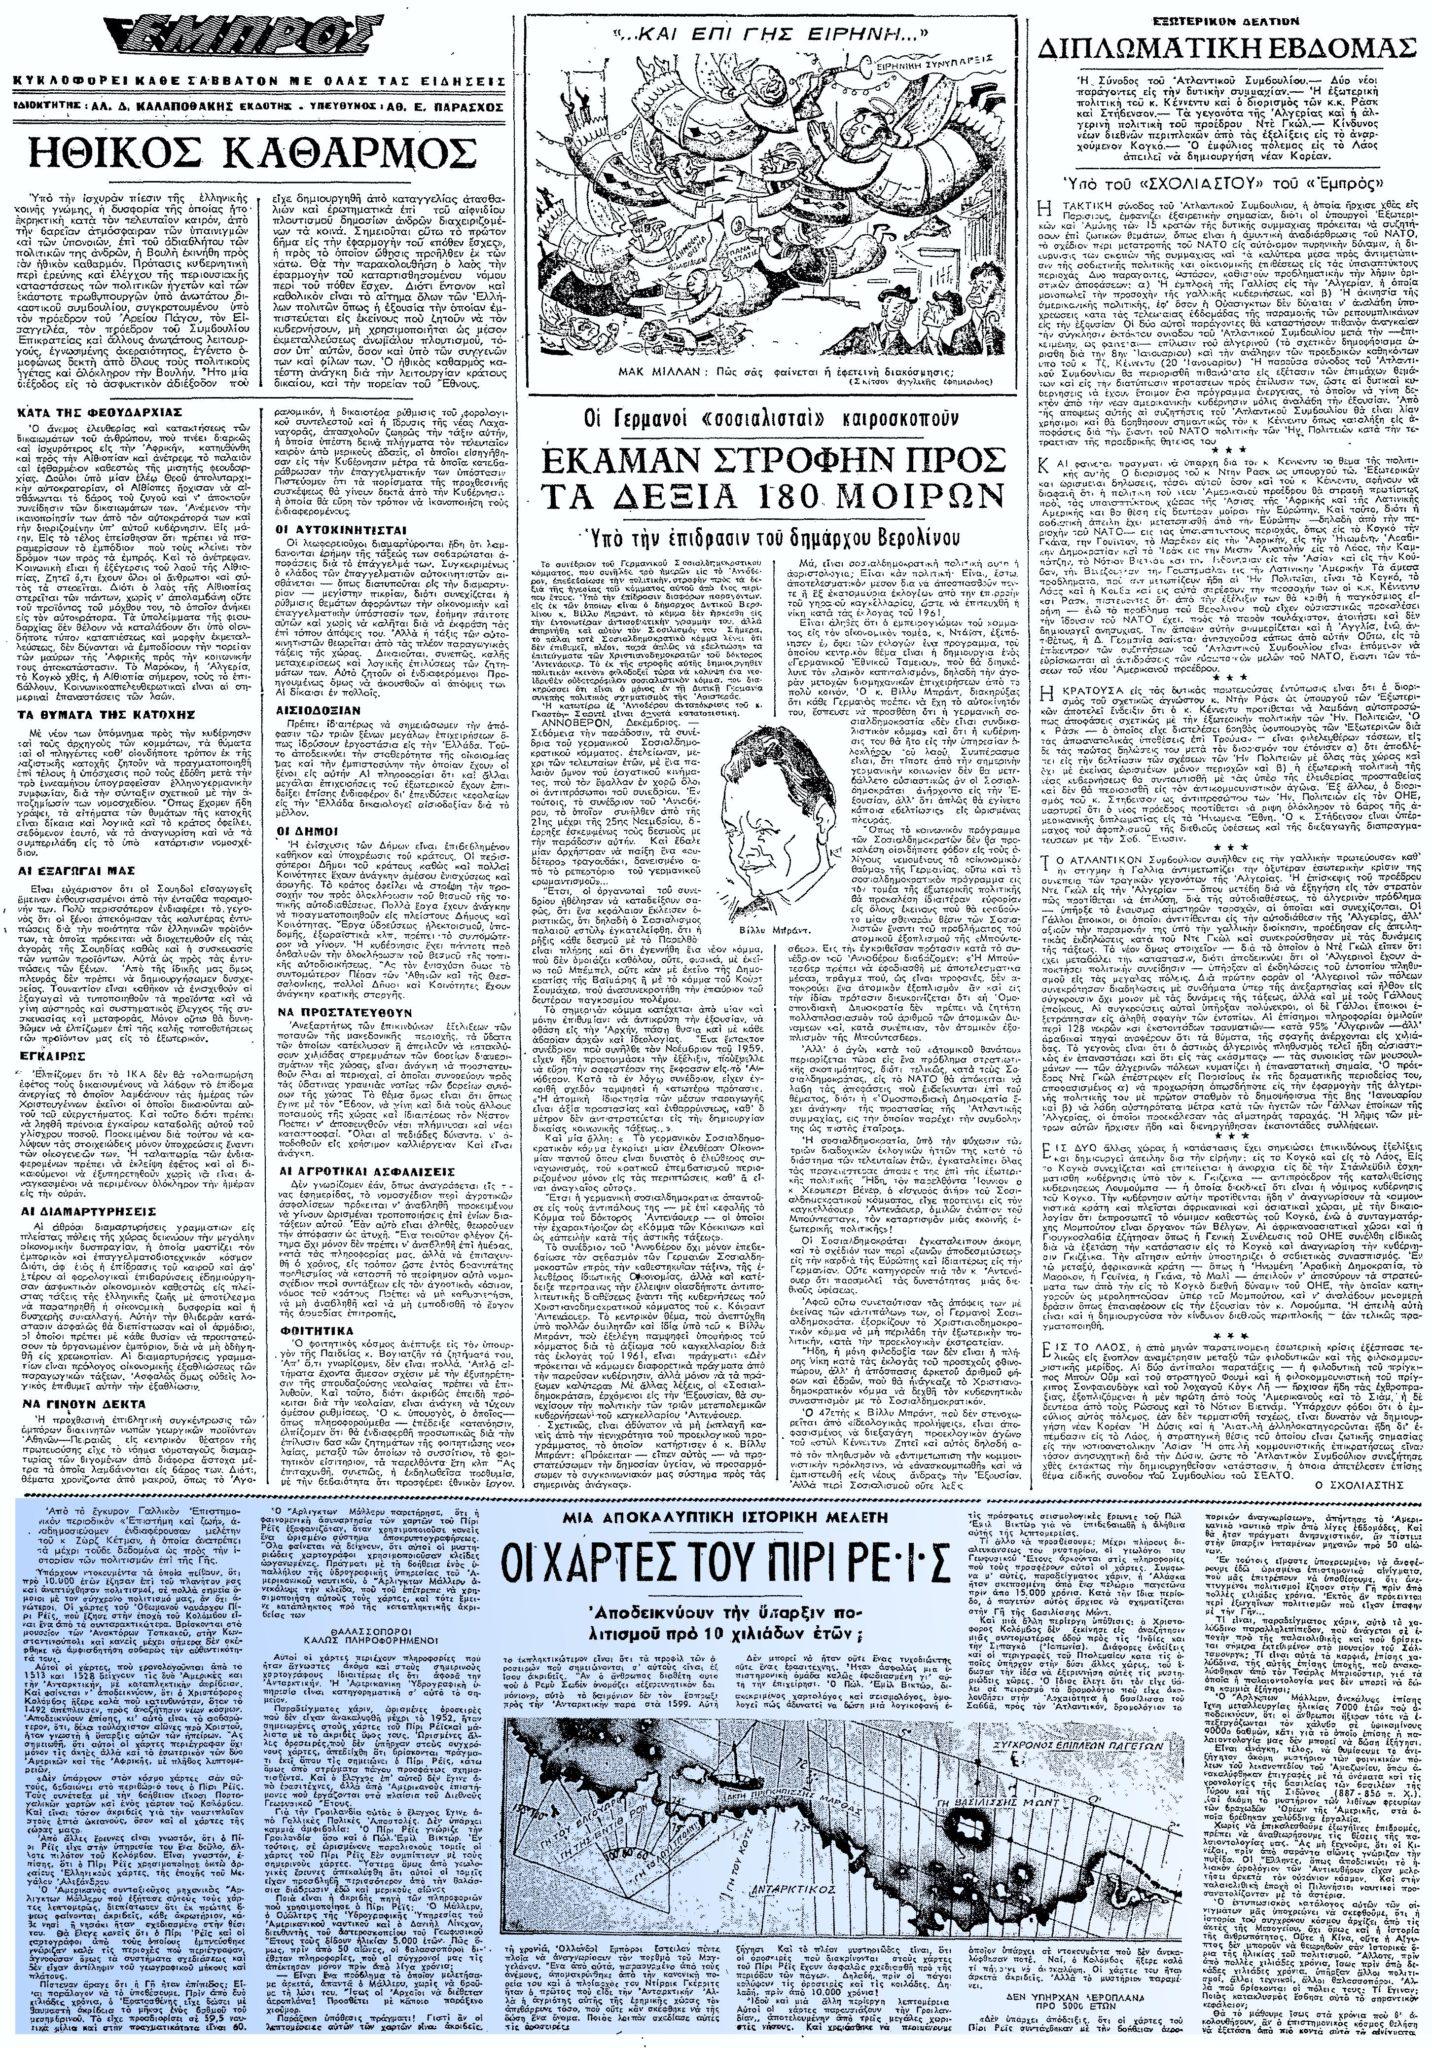 """Το άρθρο, όπως δημοσιεύθηκε στην εφημερίδα """"ΕΜΠΡΟΣ"""", στις 17/12/1960"""